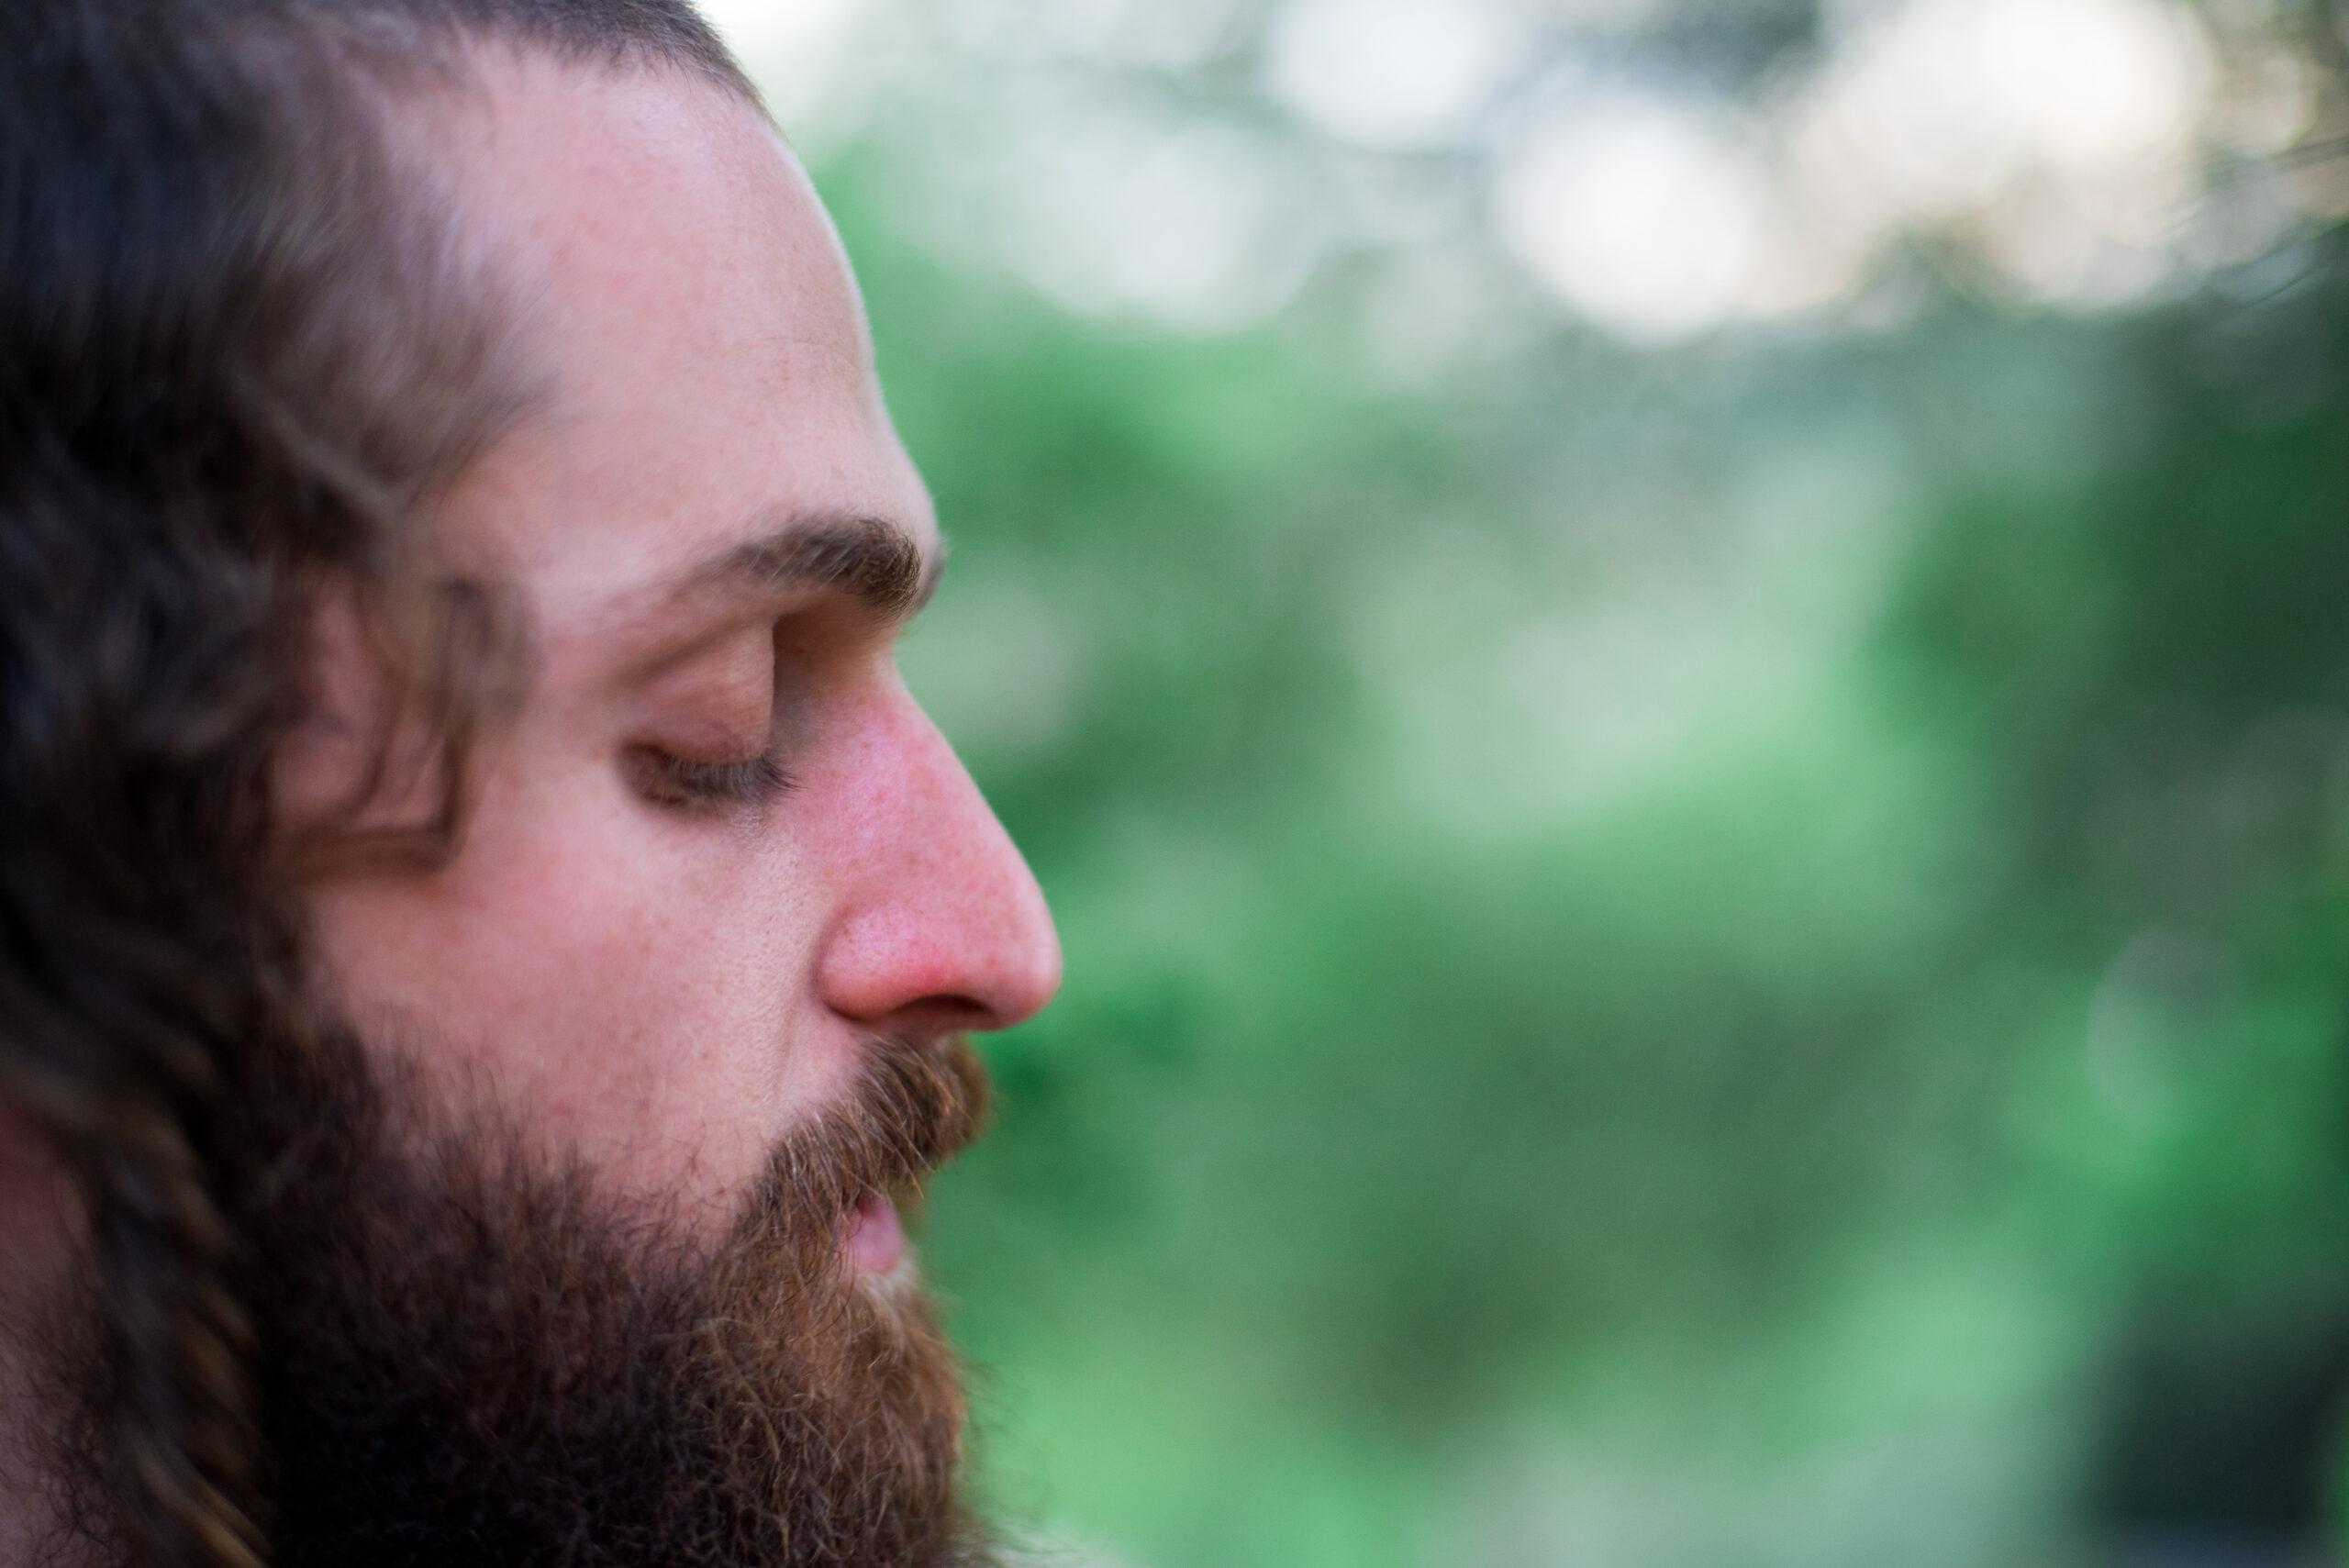 שמואל פרדניק מרגש בסינגל חדש: 'חנון המרבה לסלוח' 8